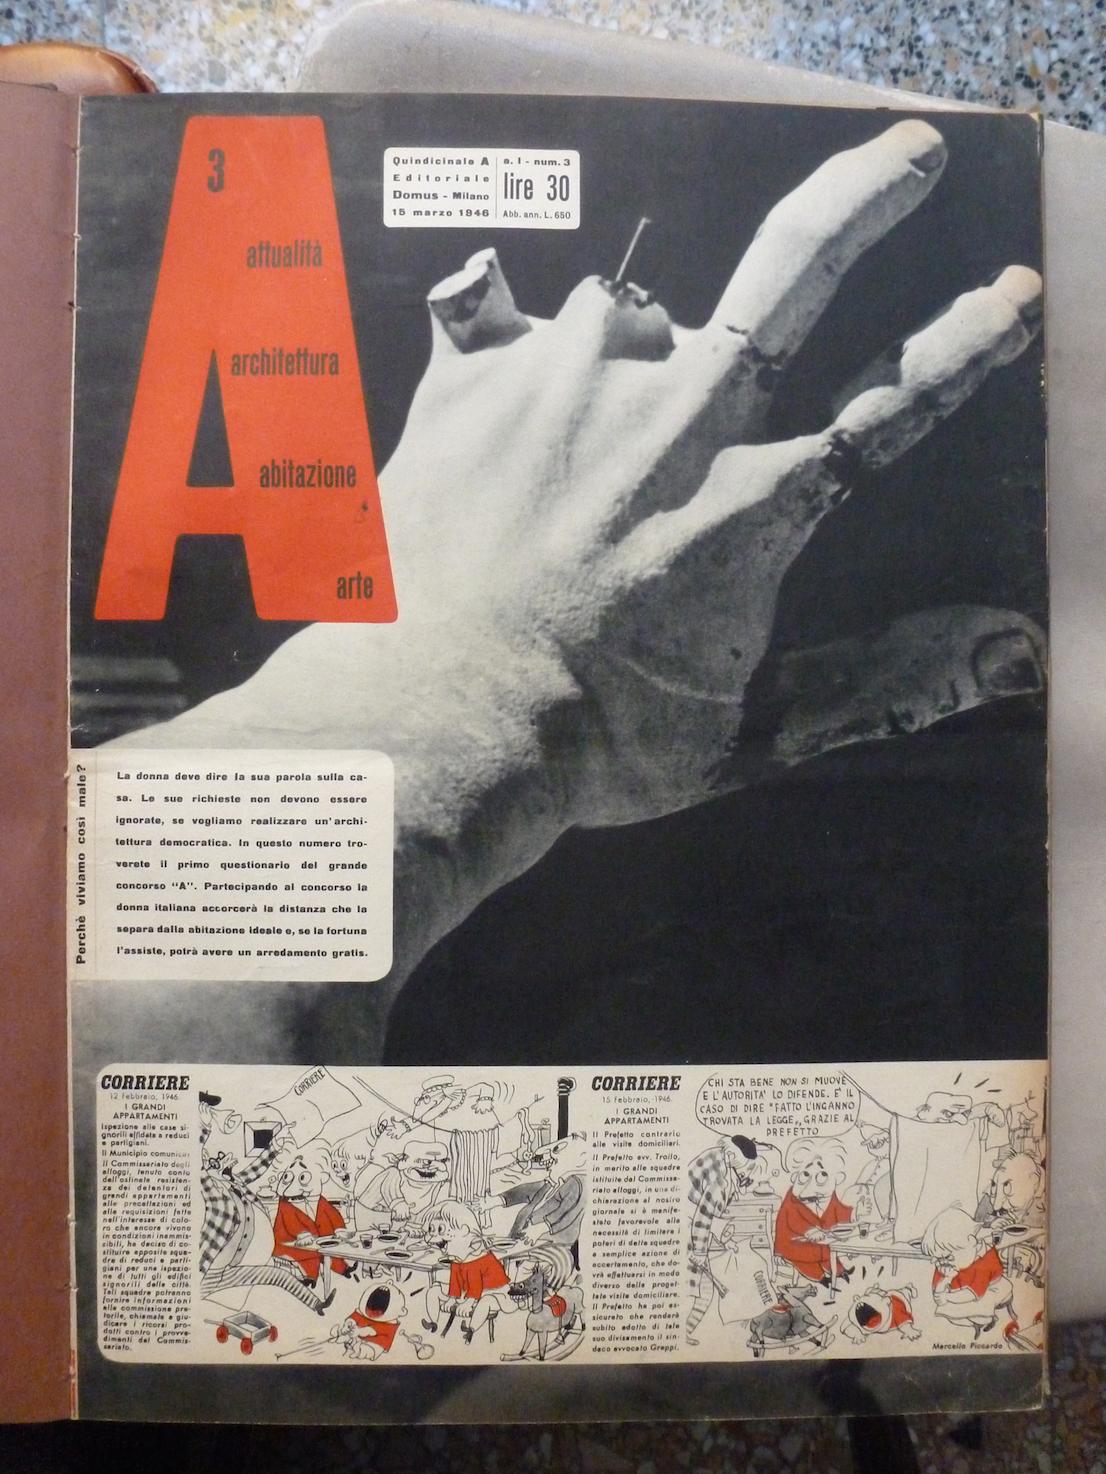 A, 3 marzo 1946. Copertina. Courtesy: Editoriale Domus.